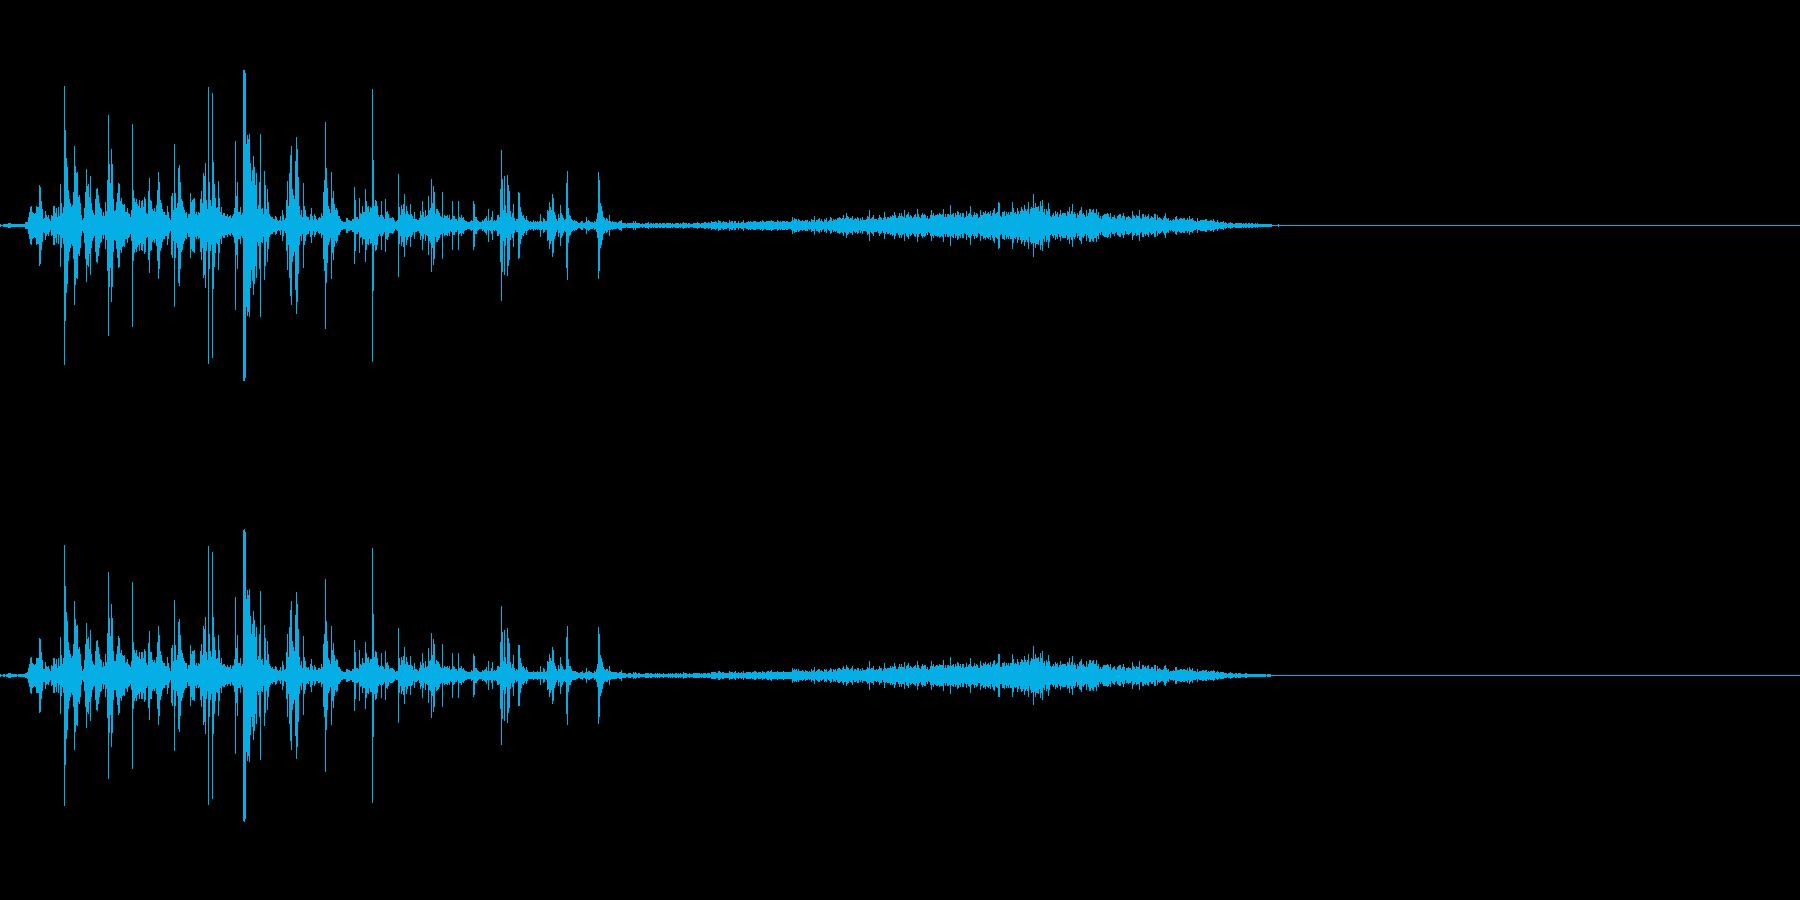 炭酸系 注ぐ音の再生済みの波形